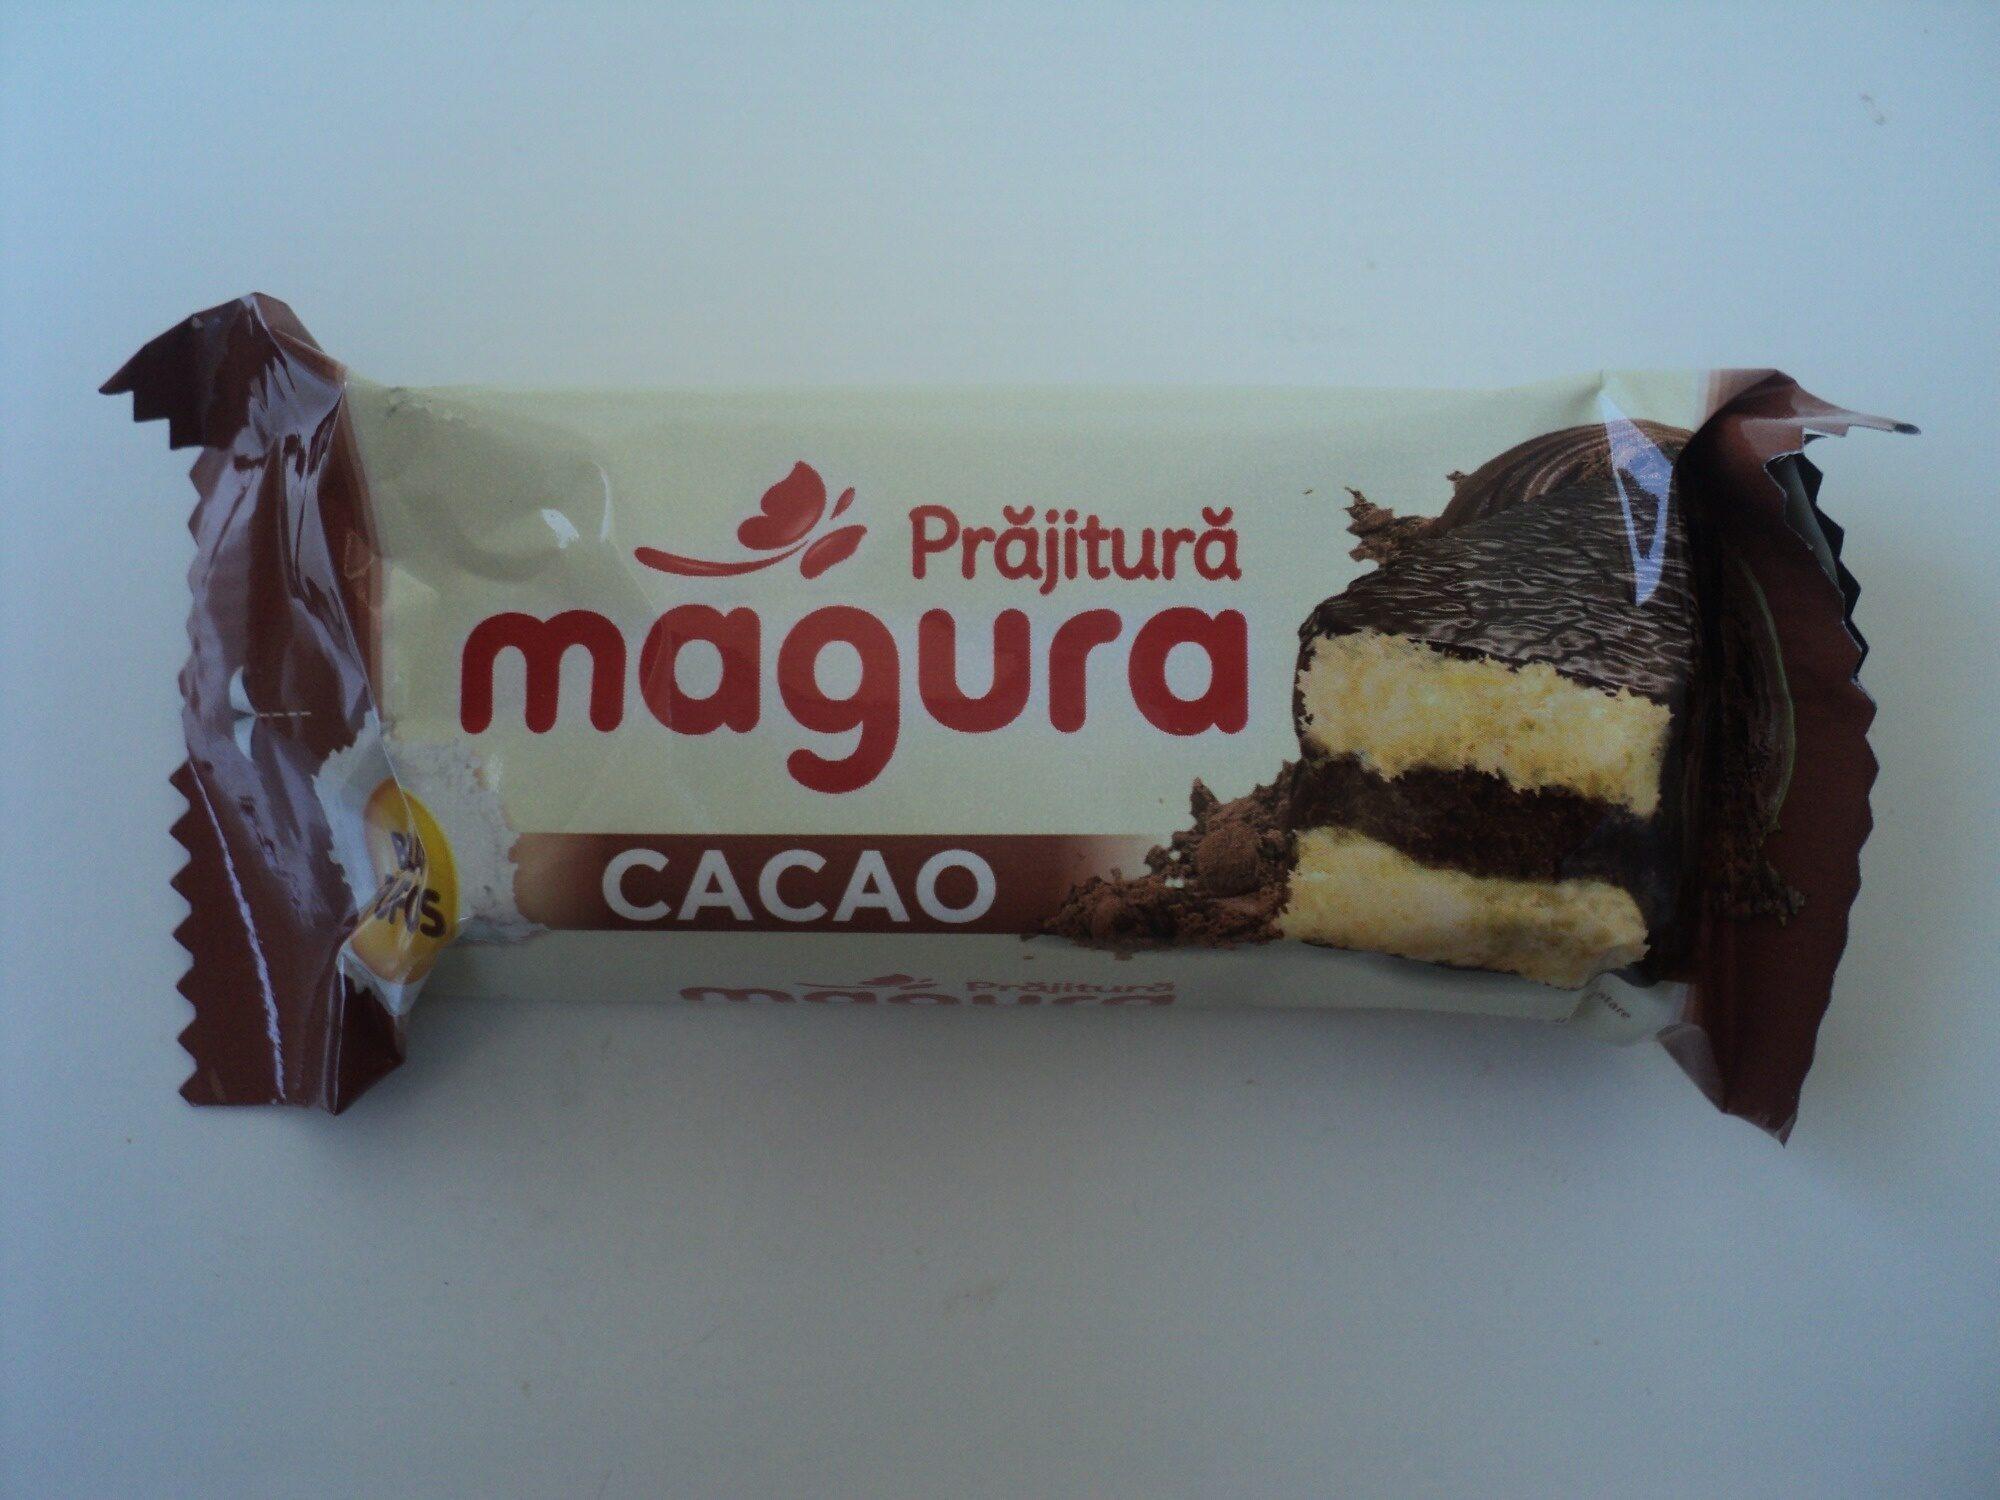 Prăjitură cu cremă de cacao și glazură de cacao - Product